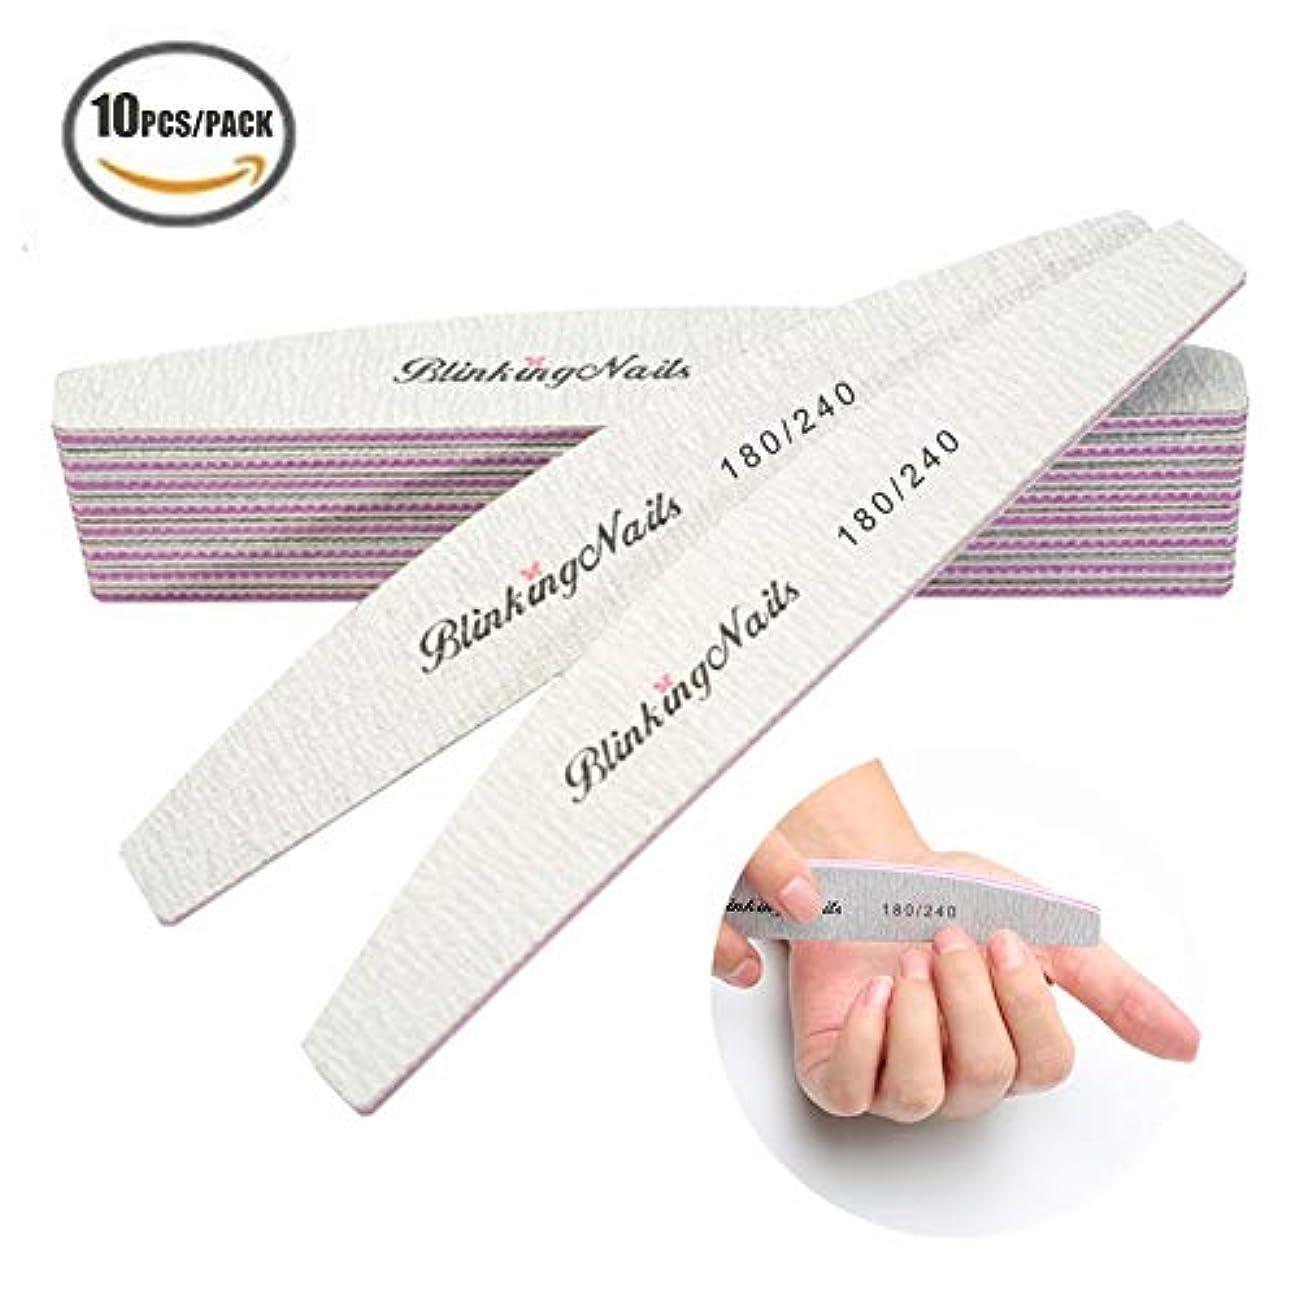 方程式神経衰弱適格研磨ツール 爪やすり ネイルシャイナー ネイルケア 携帯に便利です 水洗いできます 洗濯可プロネイルやすり 10本入 180/240砂